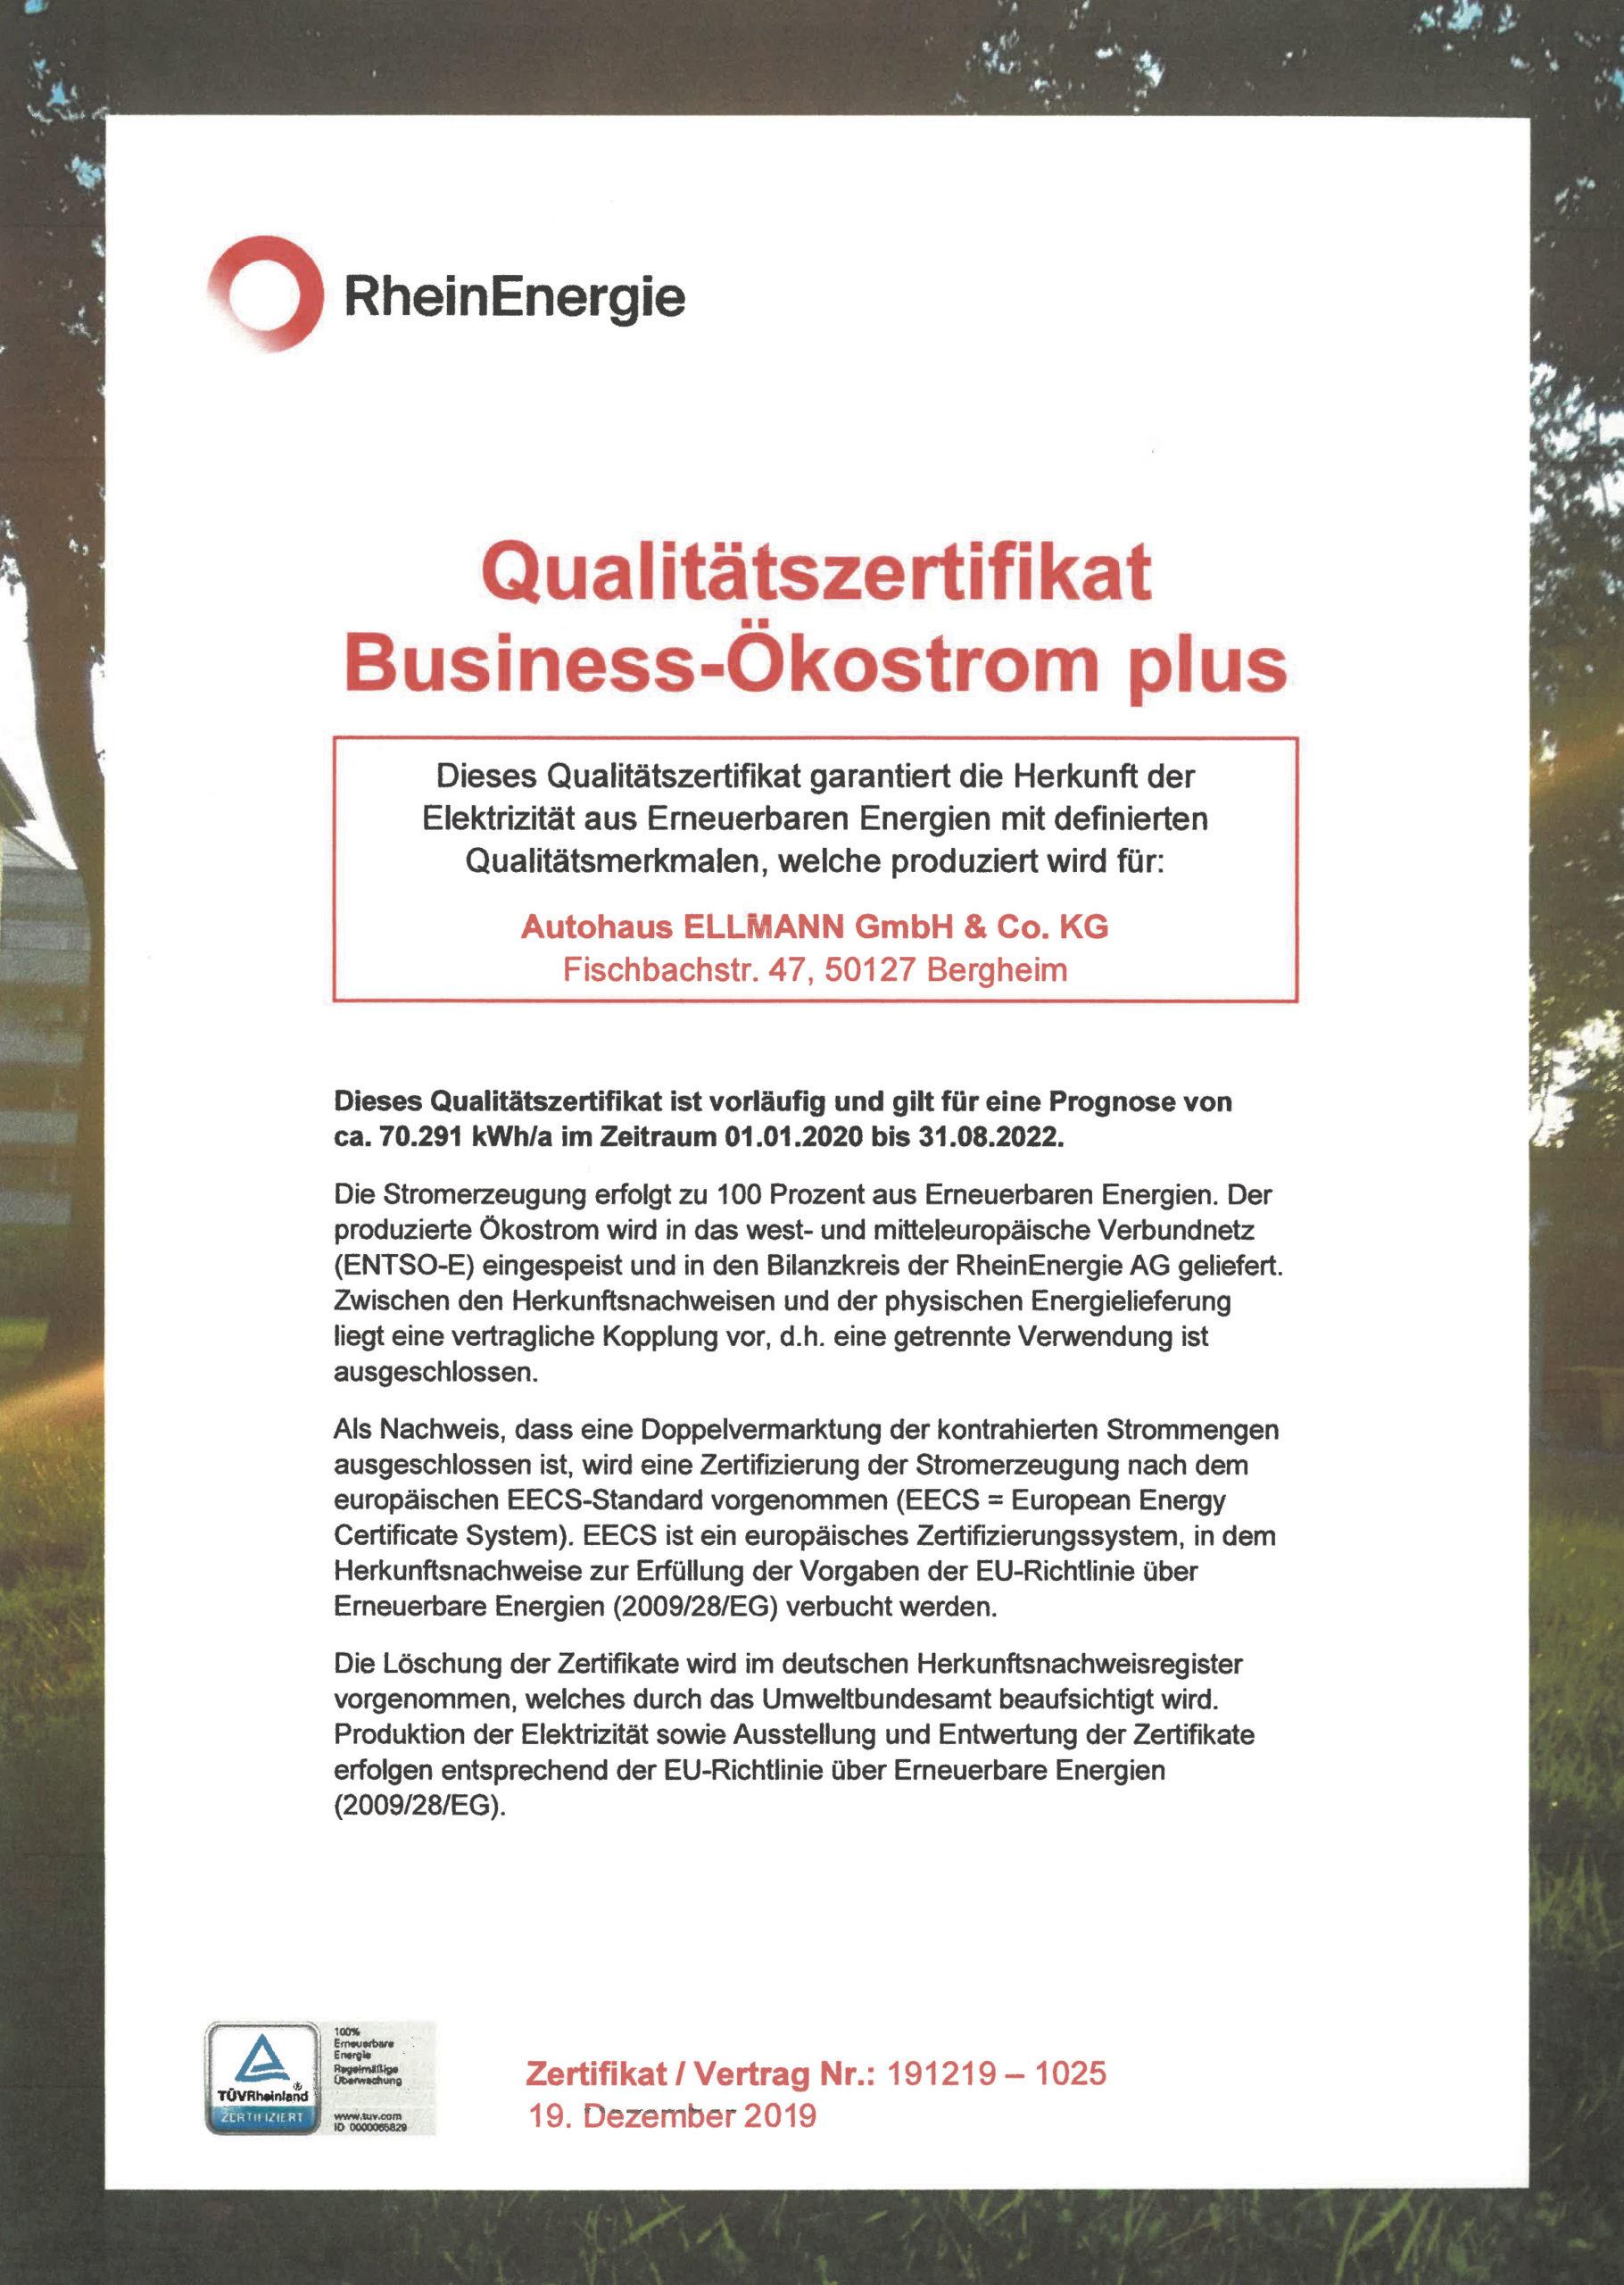 Qualitätszertifikat Business-Ökostrim plus